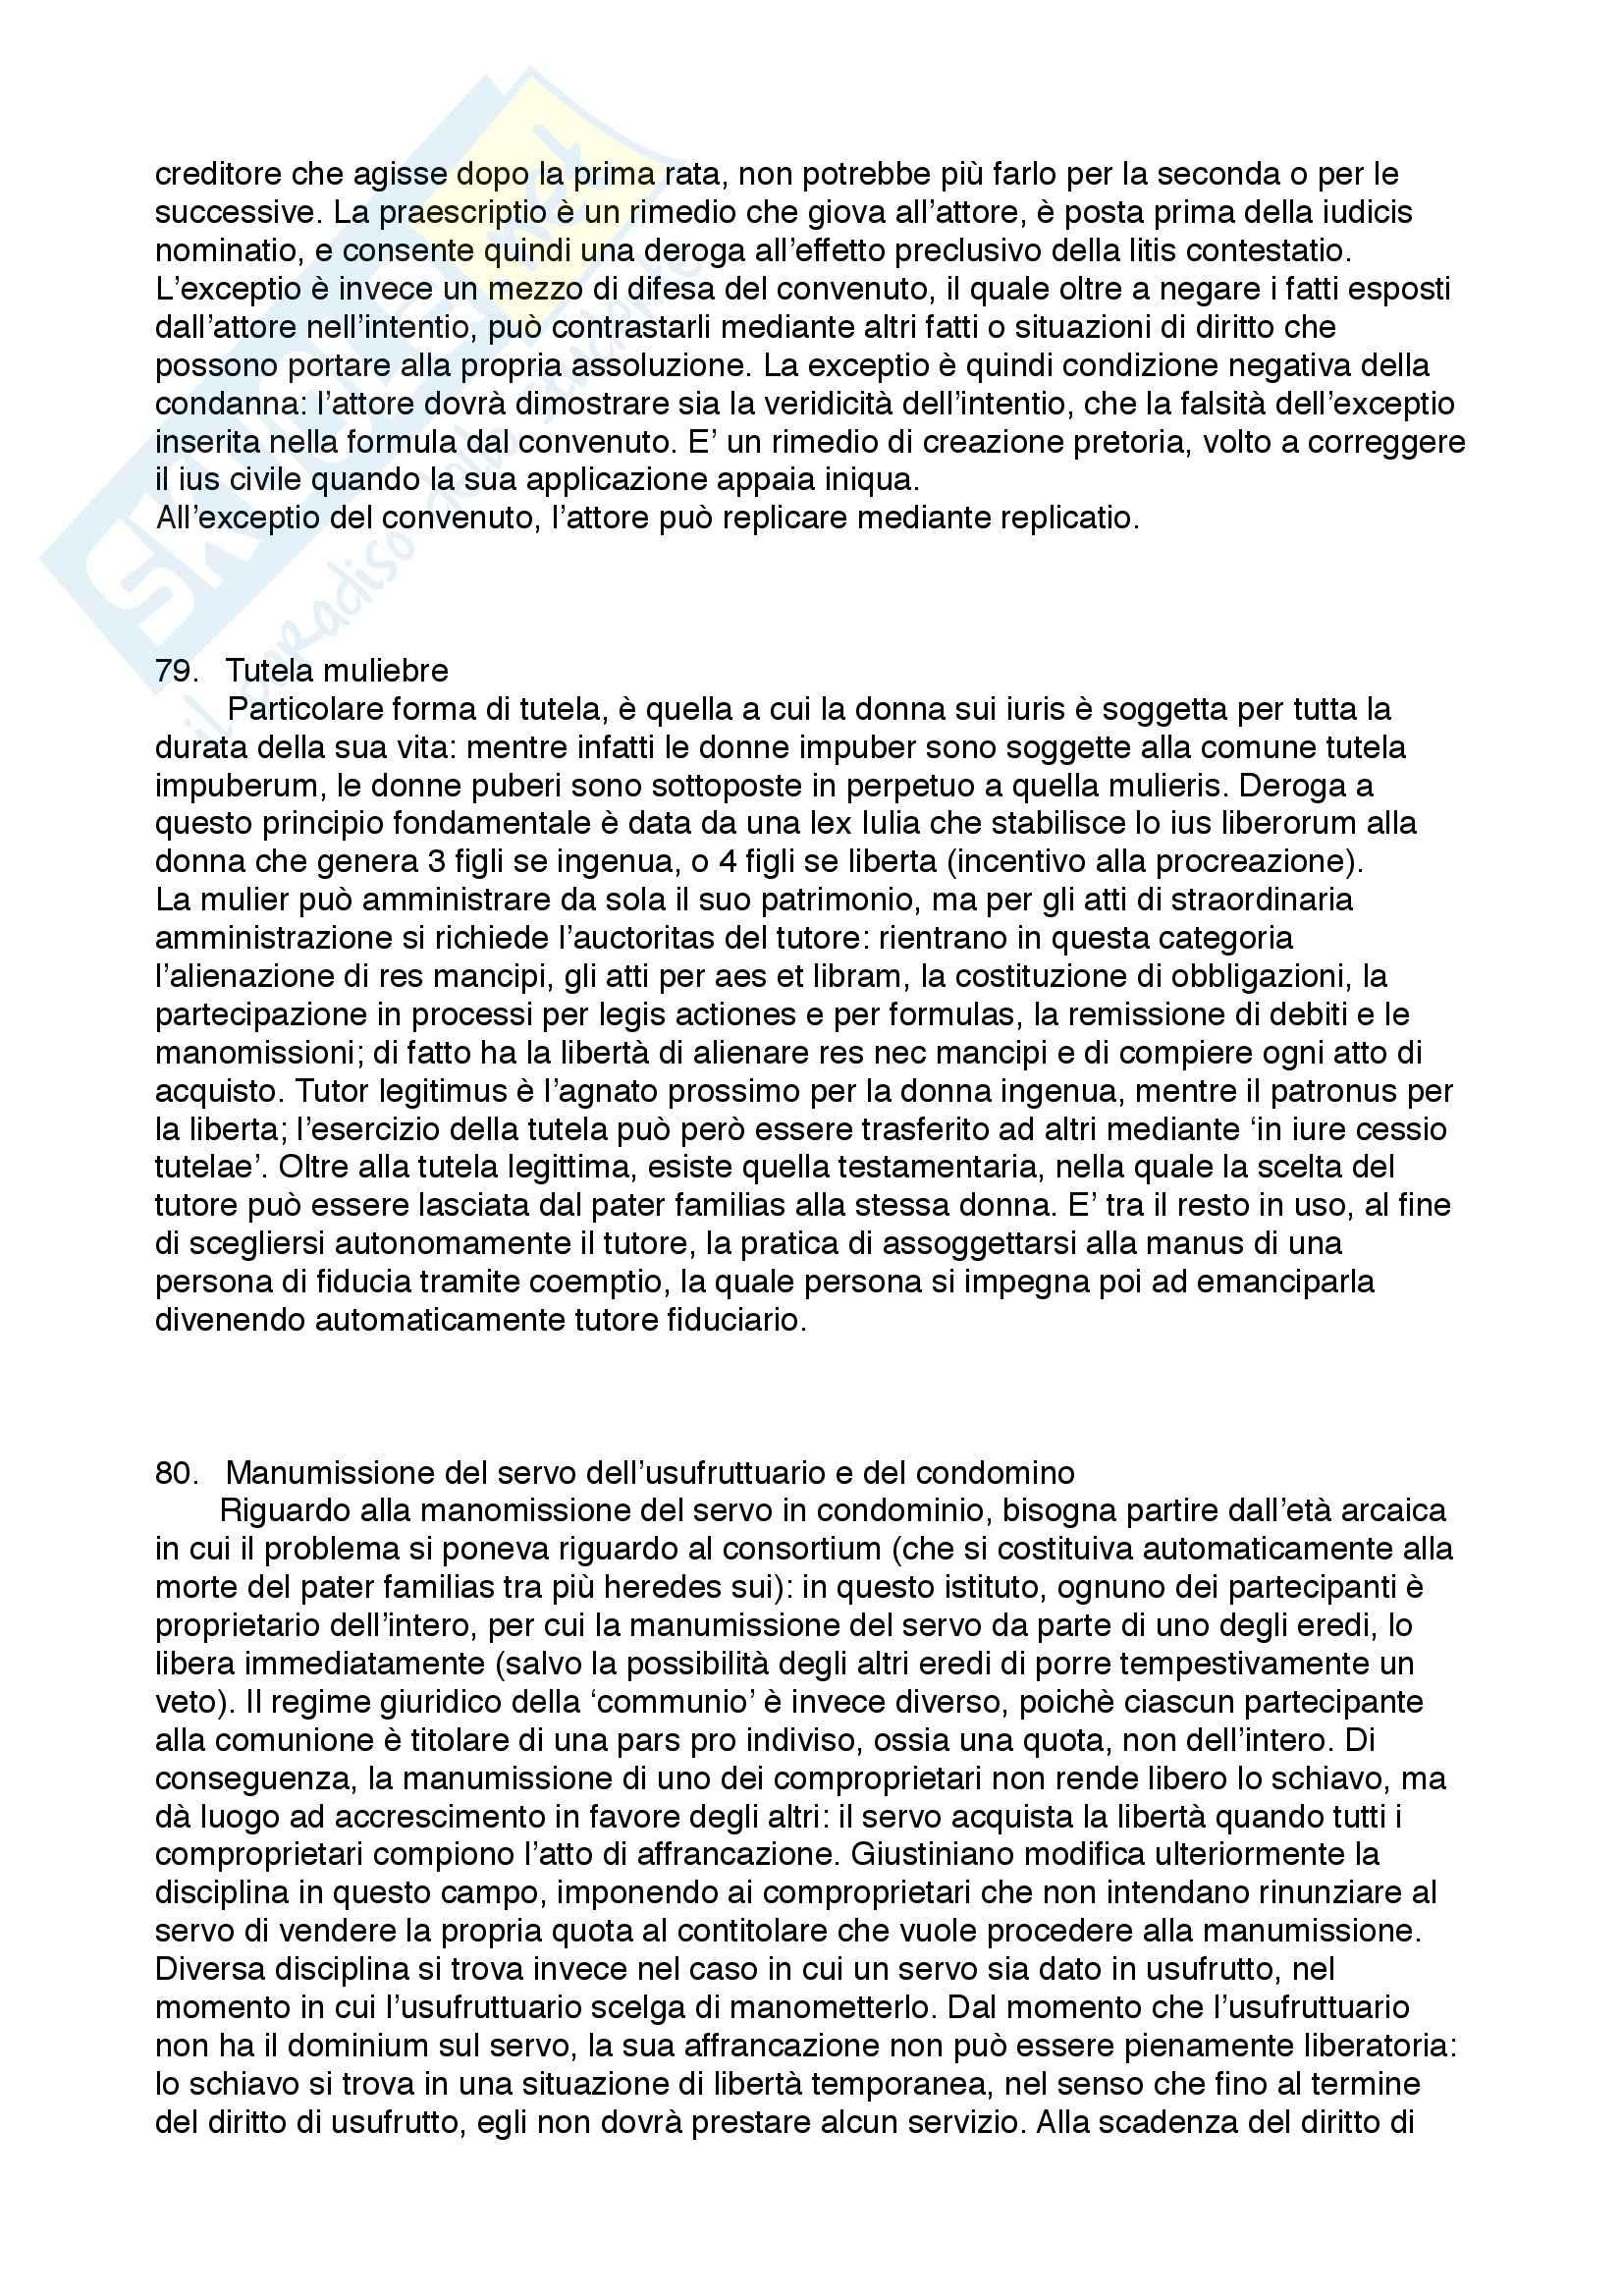 Diritto privato romano - 100 Domande e Risposte - Programma completo - Università di Torino Pag. 36